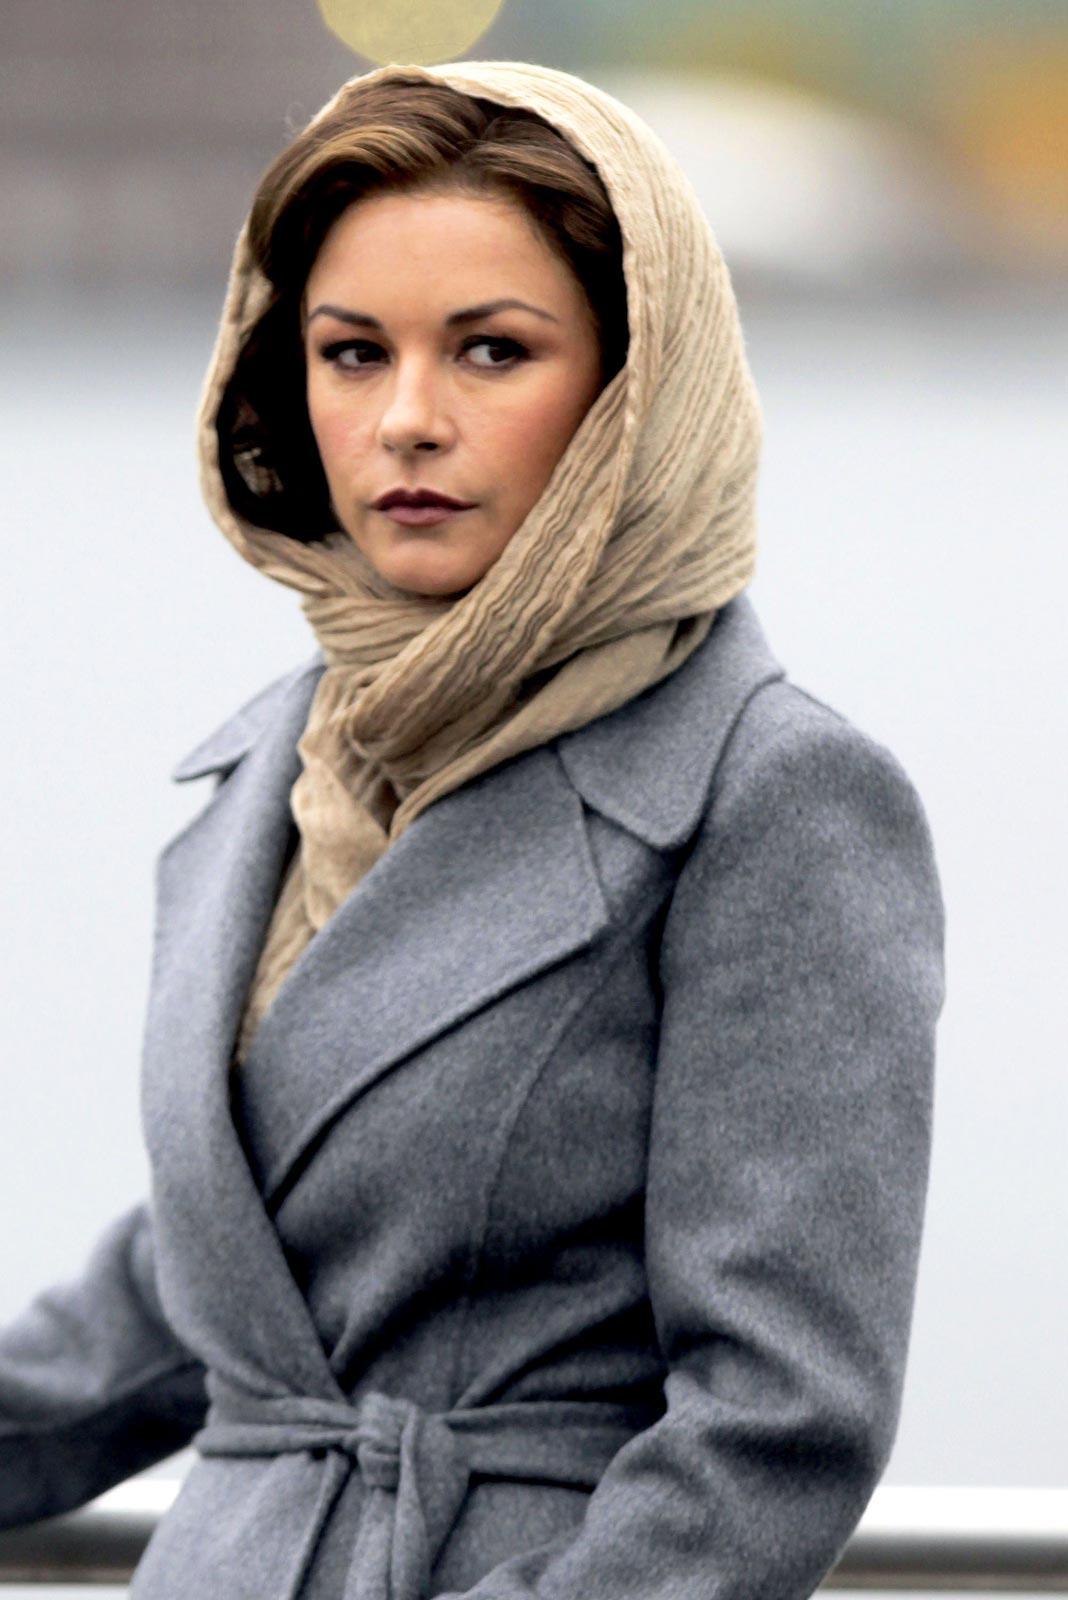 Catherine Zeta Jones Archives - Page 3 of 3 - HawtCelebs - HawtCelebs Catherine Zeta Jones